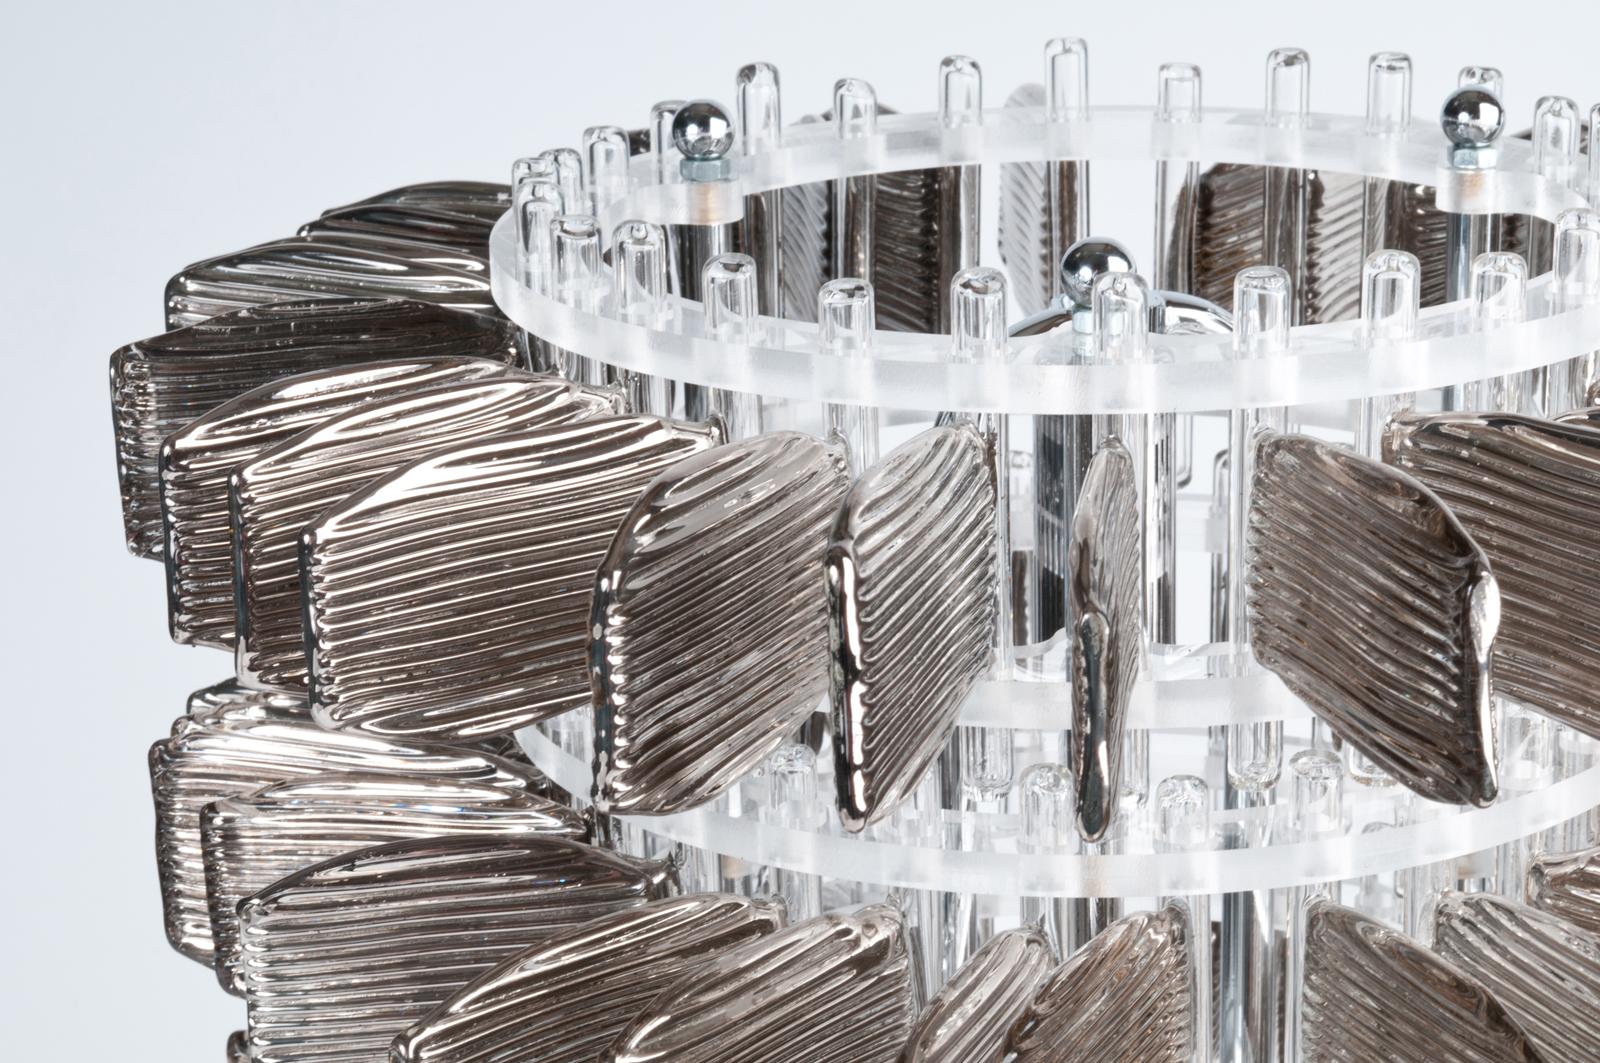 anemone-56-table-chrome-platine-platinium-veronese-maurizio-galante-tal-lancman-91.jpg